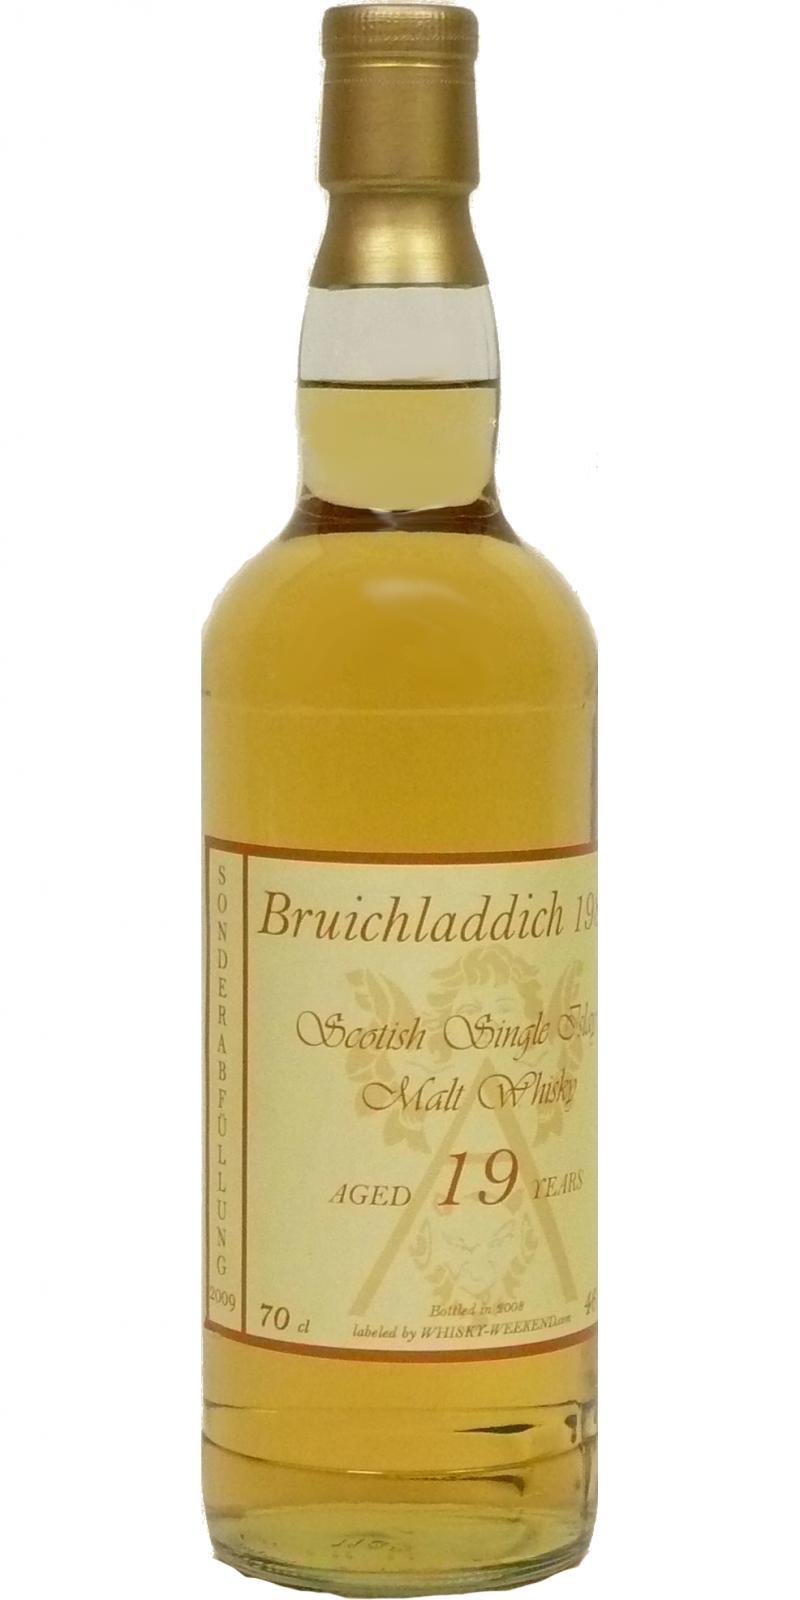 Bruichladdich 1989 WhW